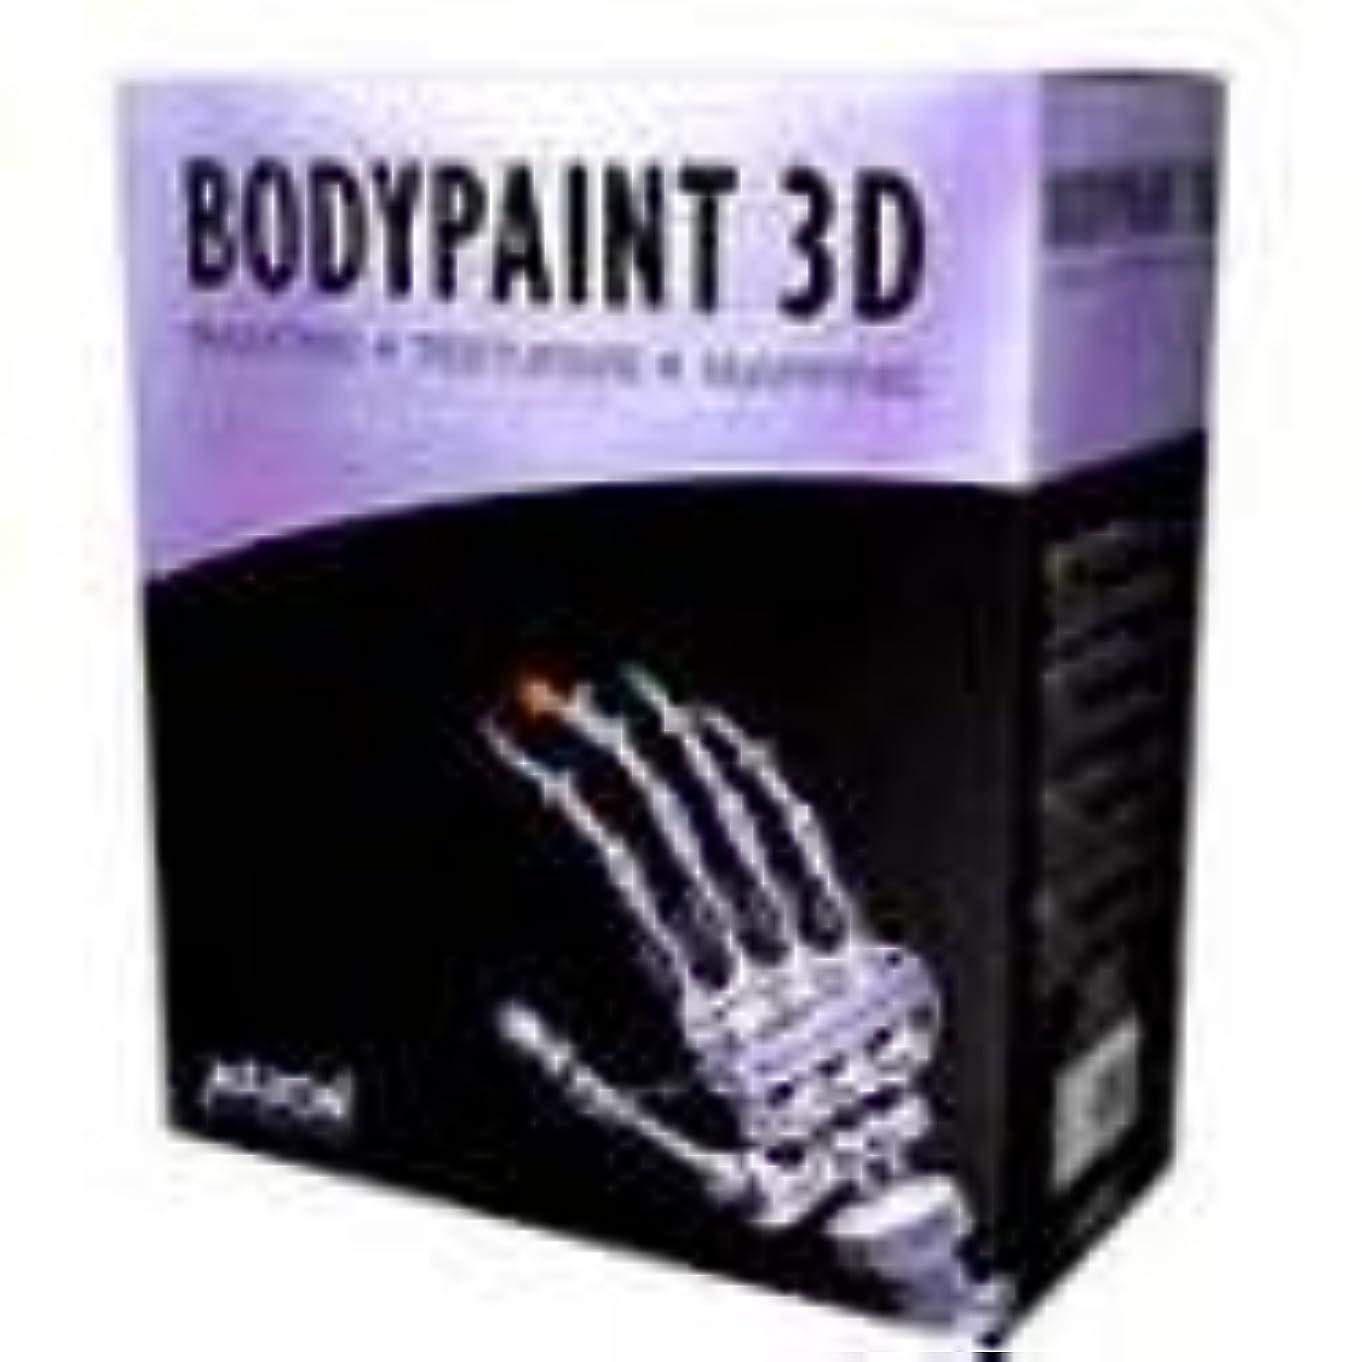 禁止するアクション非行Body Paint 3D 日本語版 Win版